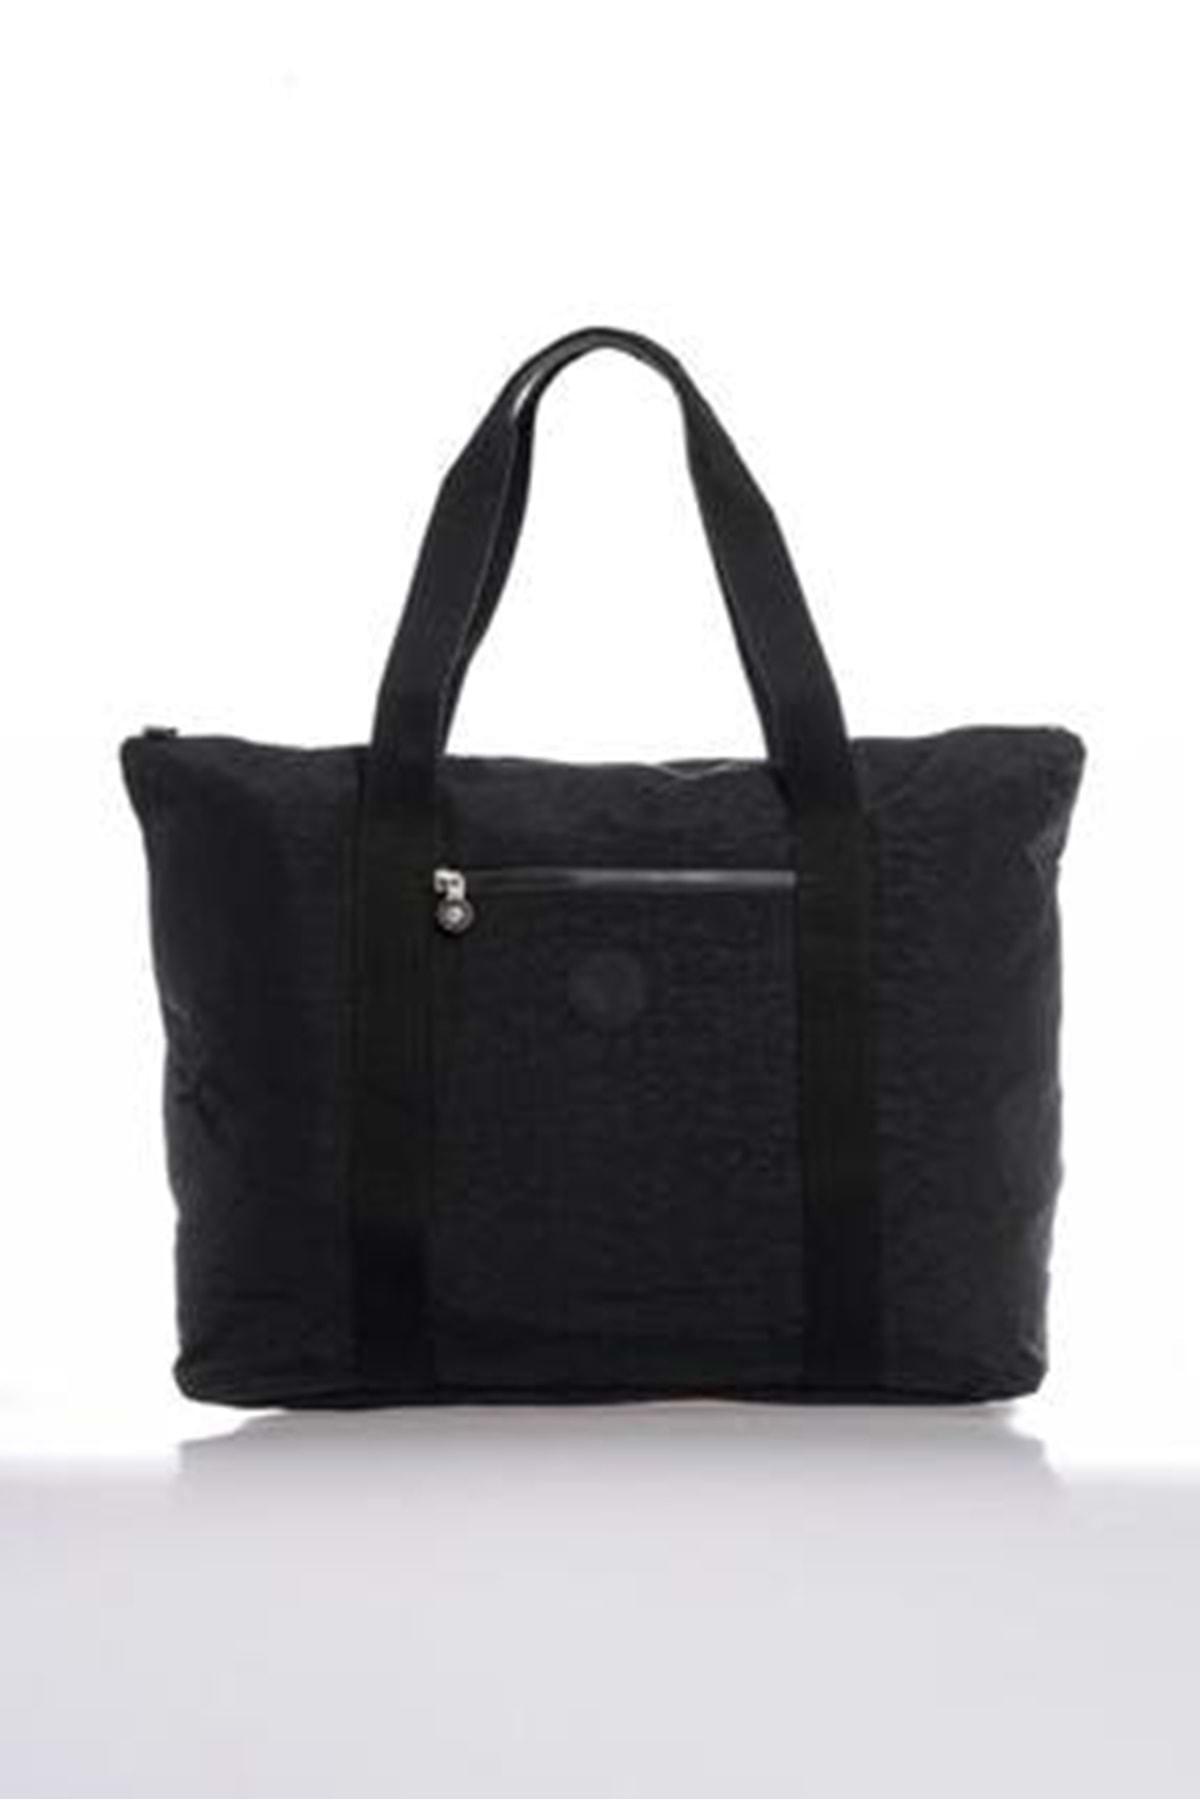 SMART BAGS Kadın Siyah Büyük Boy Çanta 3041 1